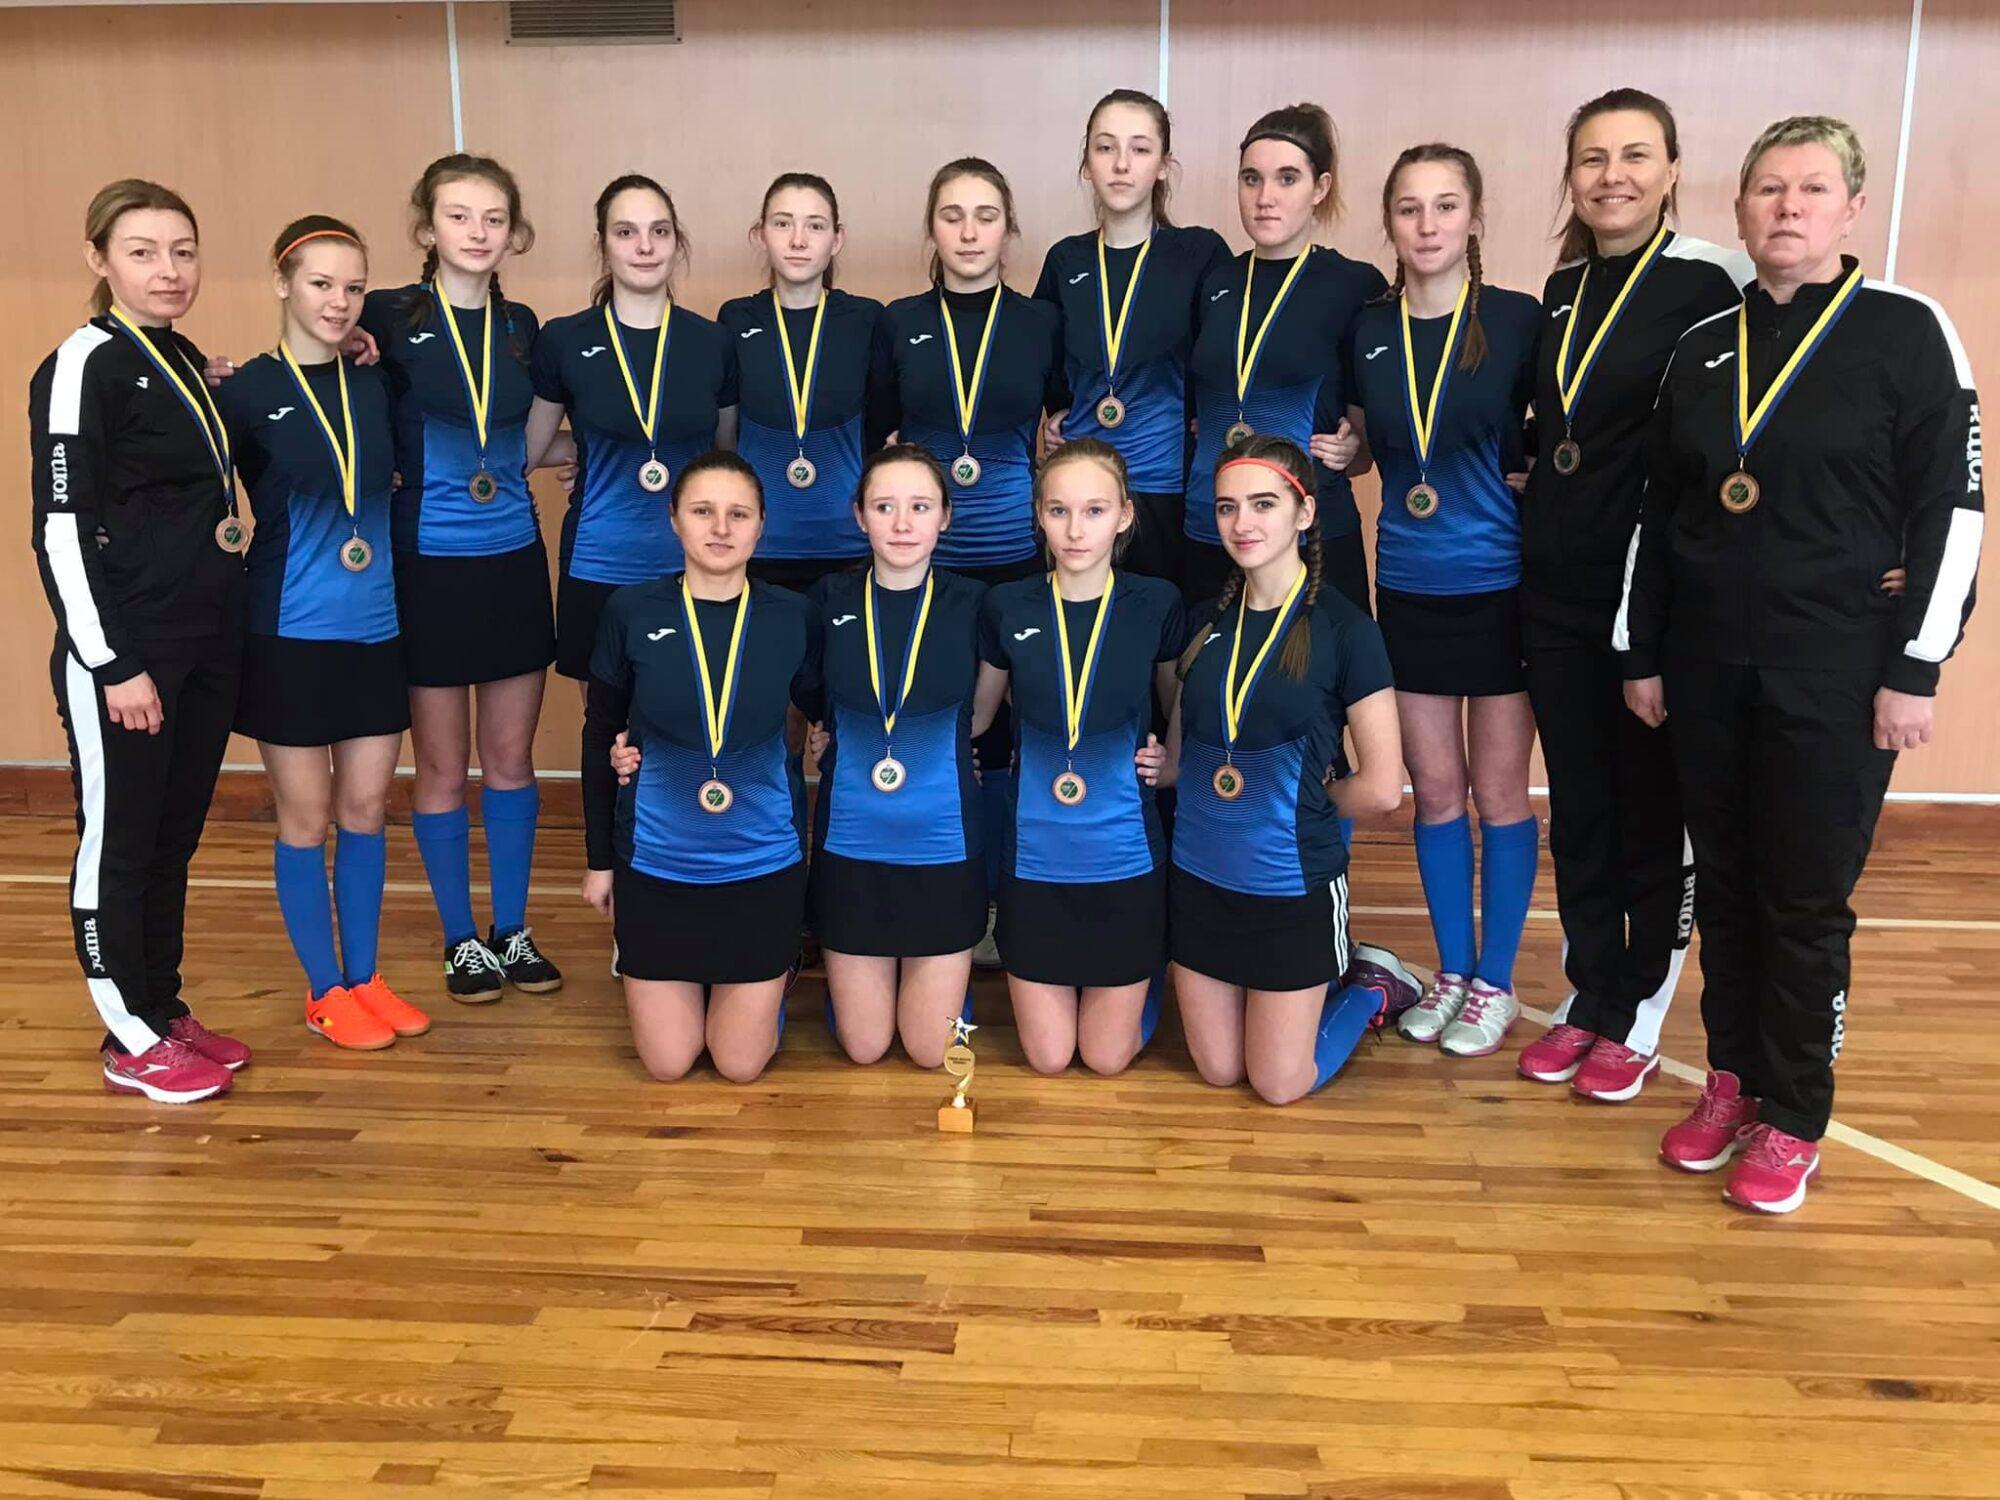 Спортсменки із Борисполя здобули бронзу на чемпіонаті України з хокею на траві - хокей - 146356357 714543685904016 7707374640369564750 o 2000x1500